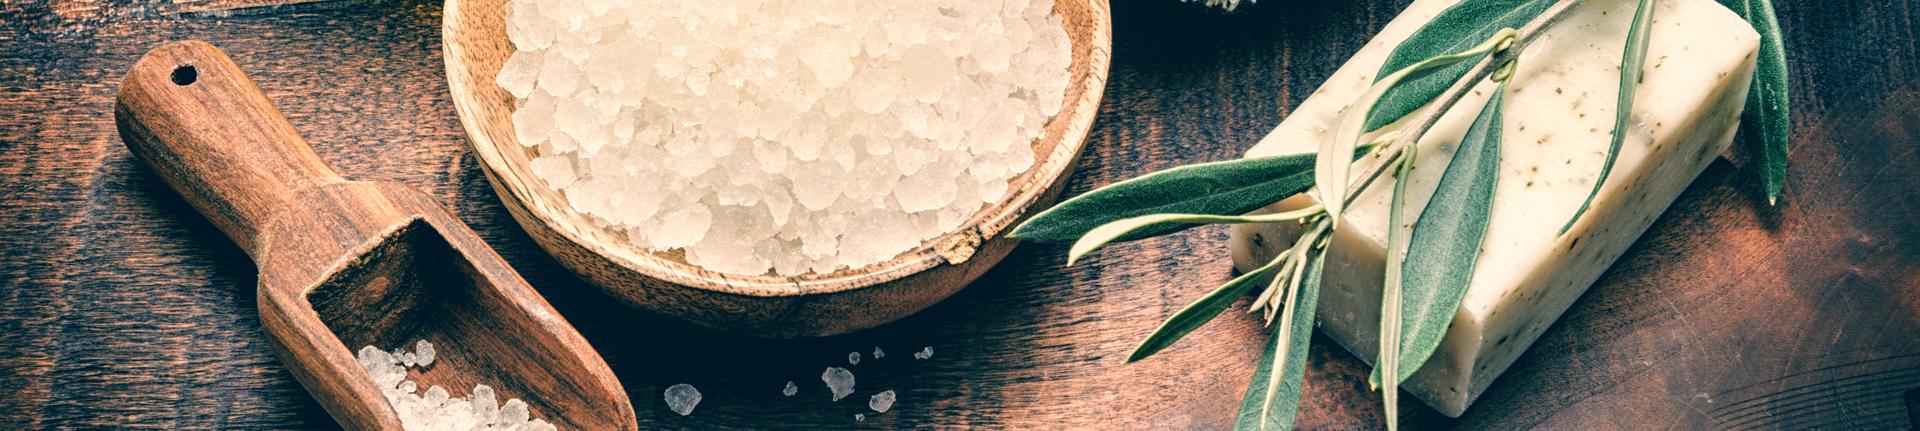 Farmácia caseira com produtos naturais: saiba o que ter em casa